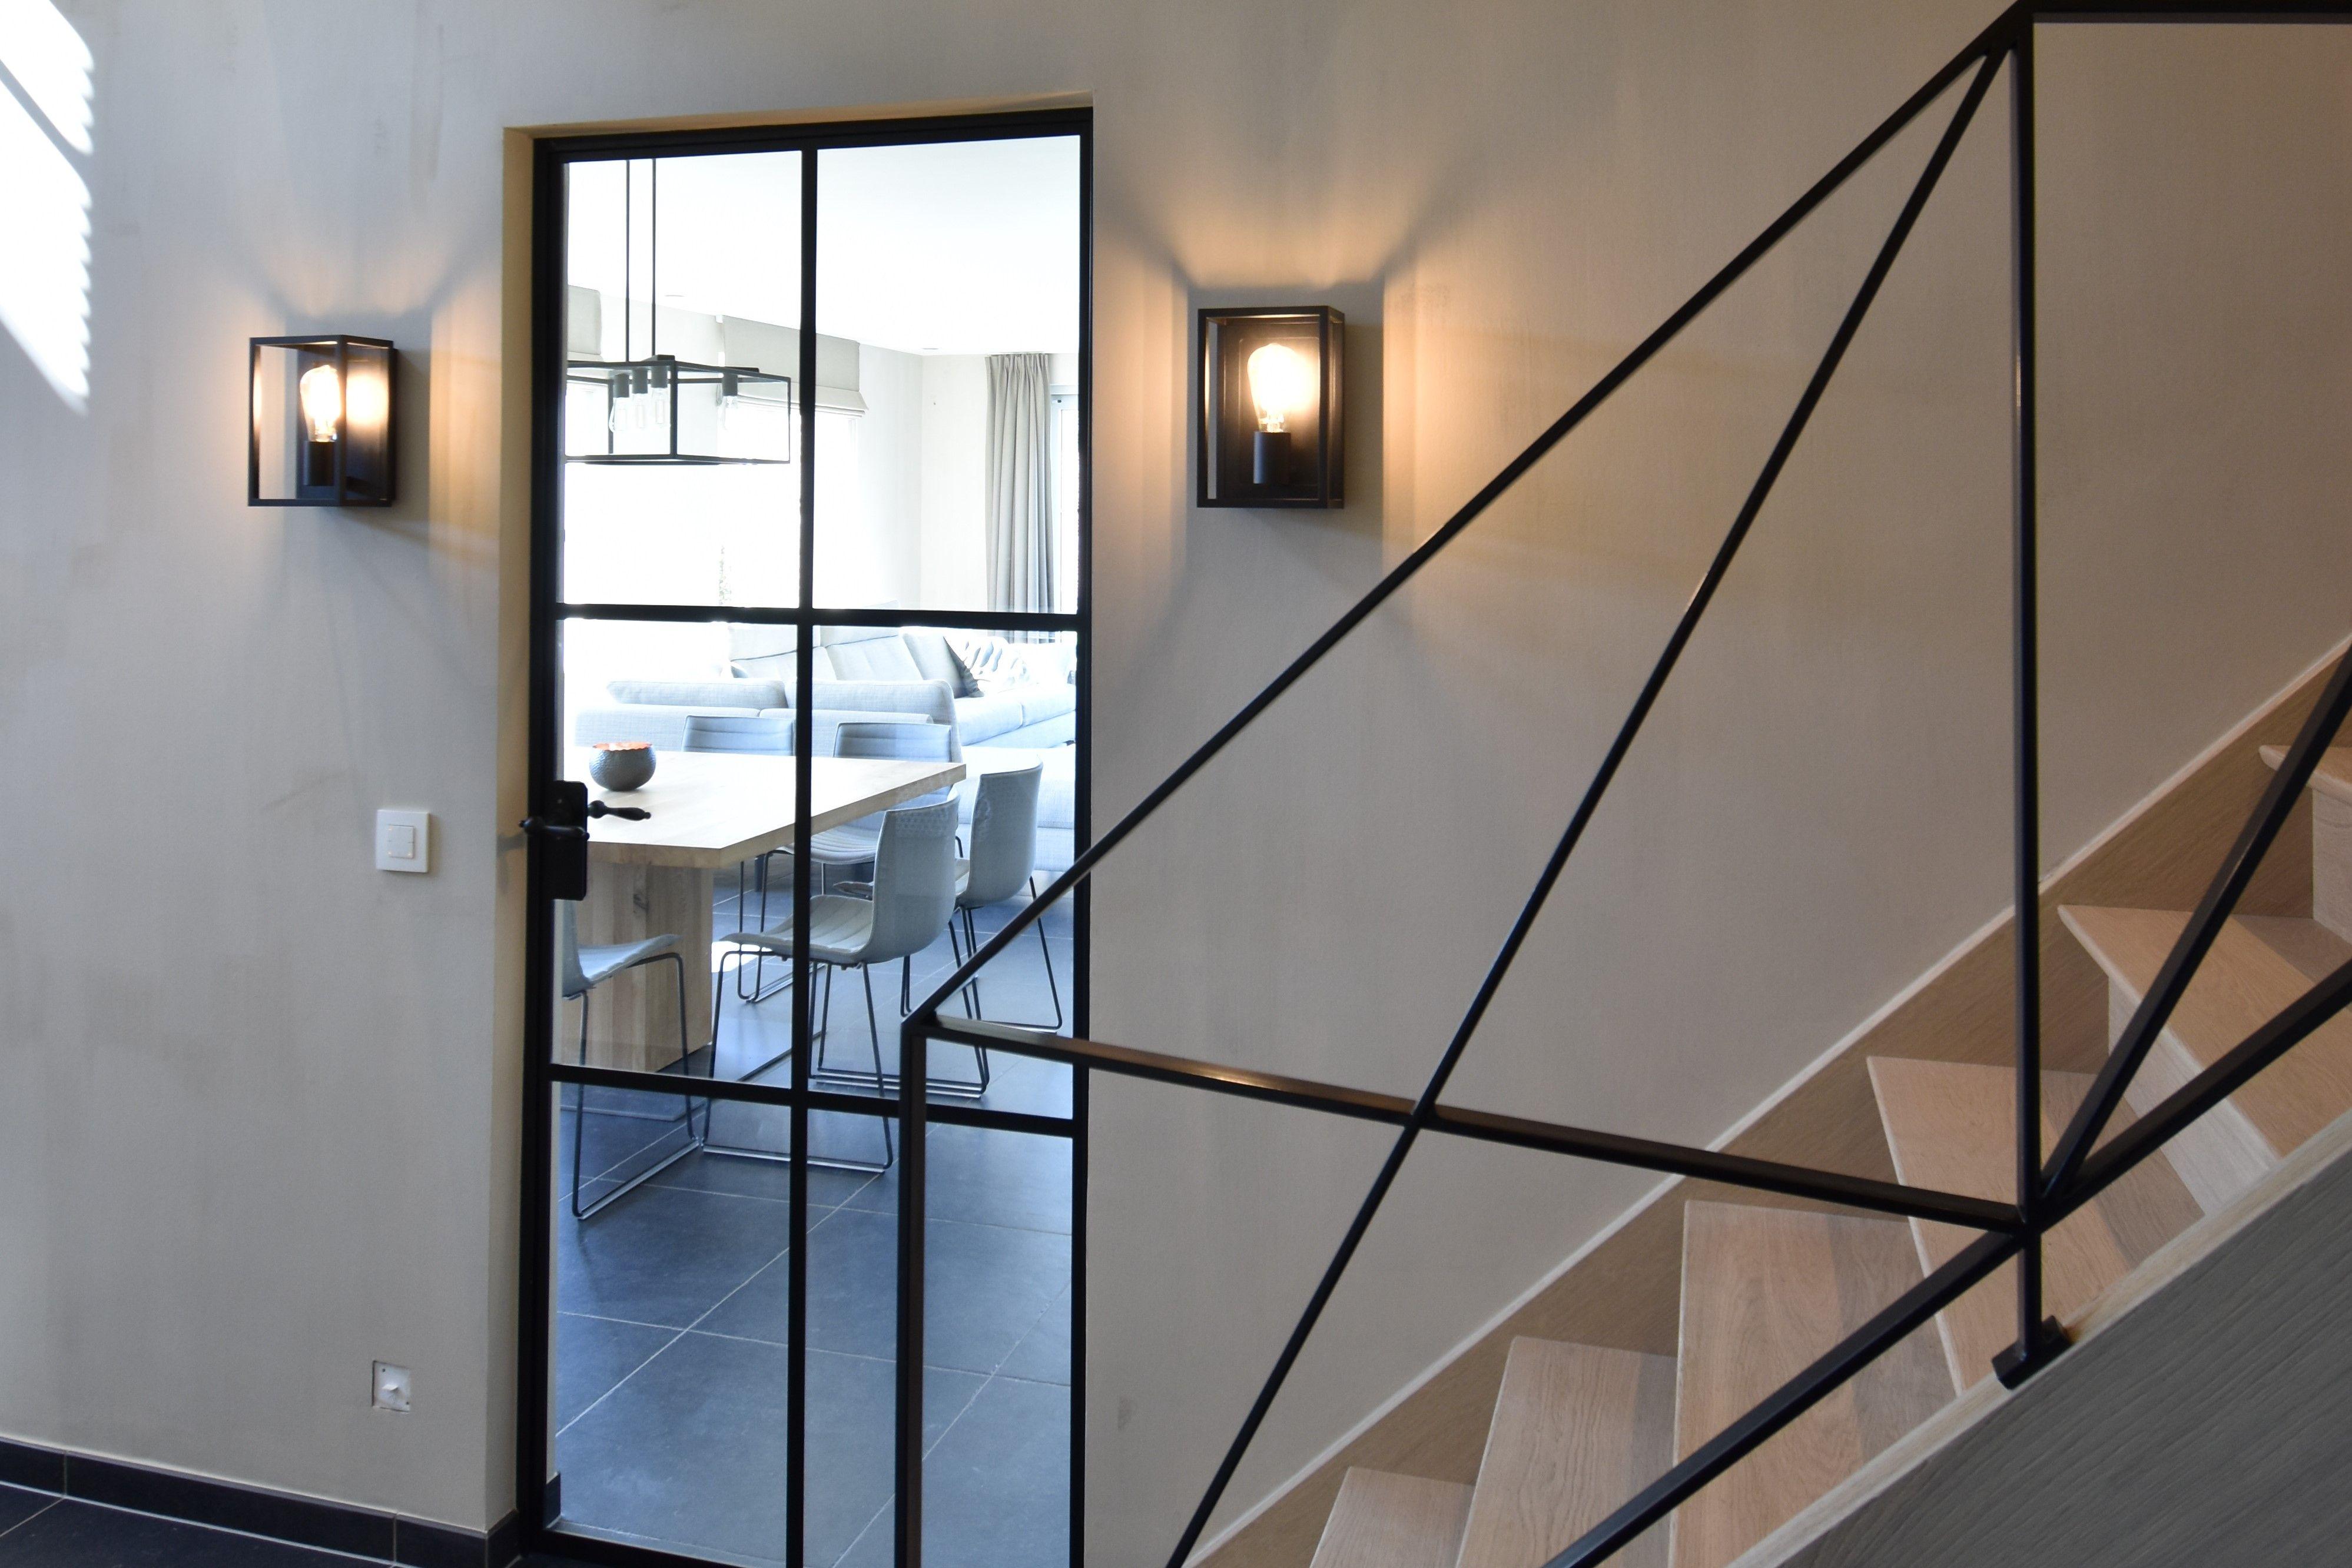 Totaalinrichting van landelijke woning met bijgebouw ontwerp en